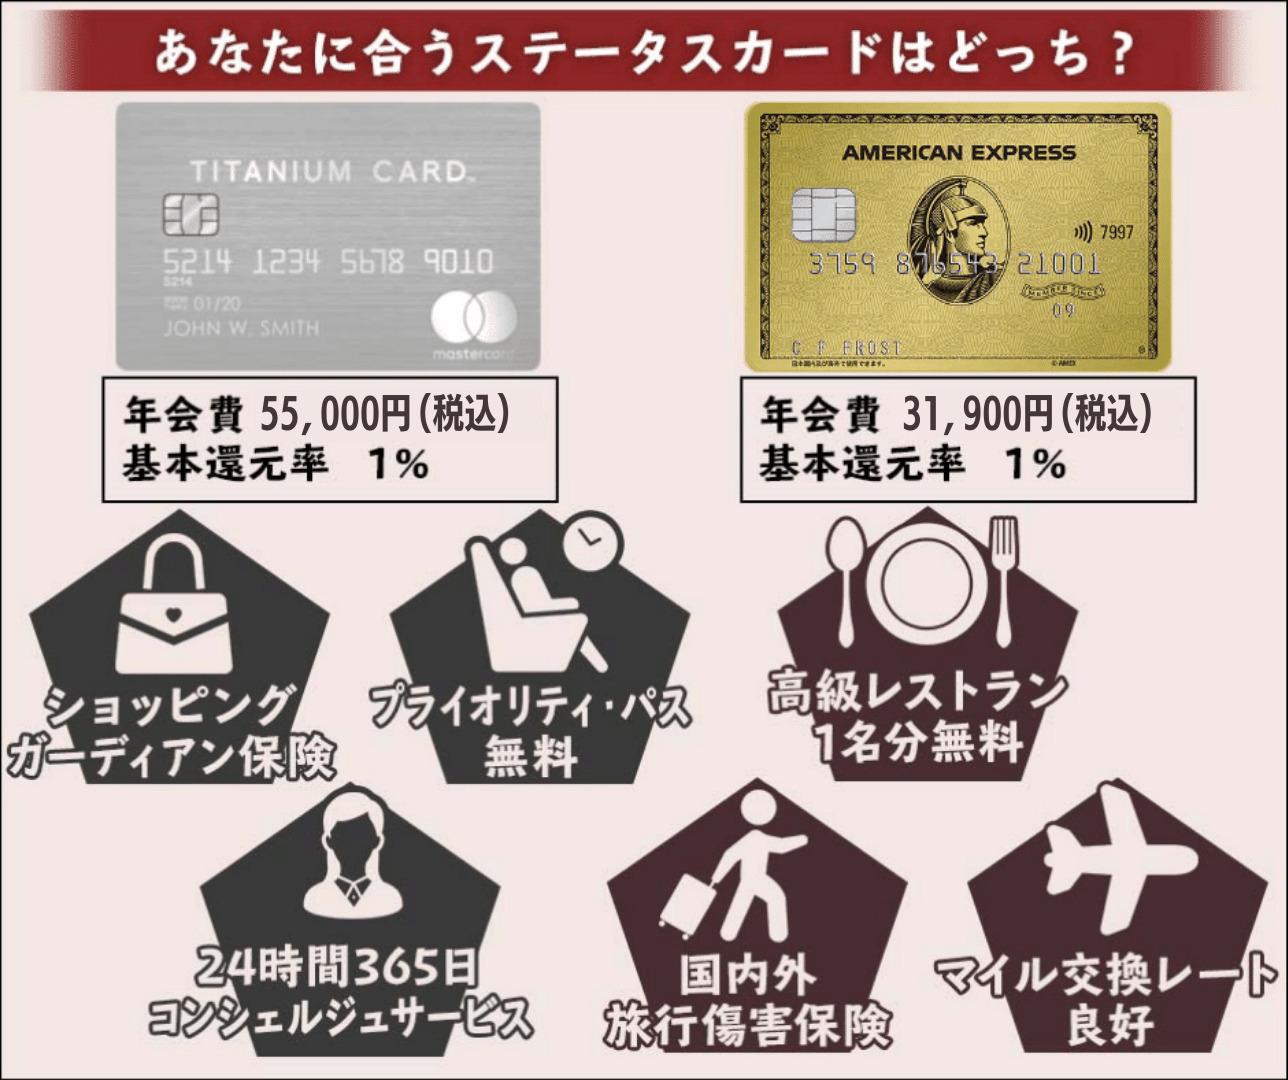 【ラグジュアリーカード チタンとアメックス・ゴールドを完全比較】特典内容や選び方を解説!